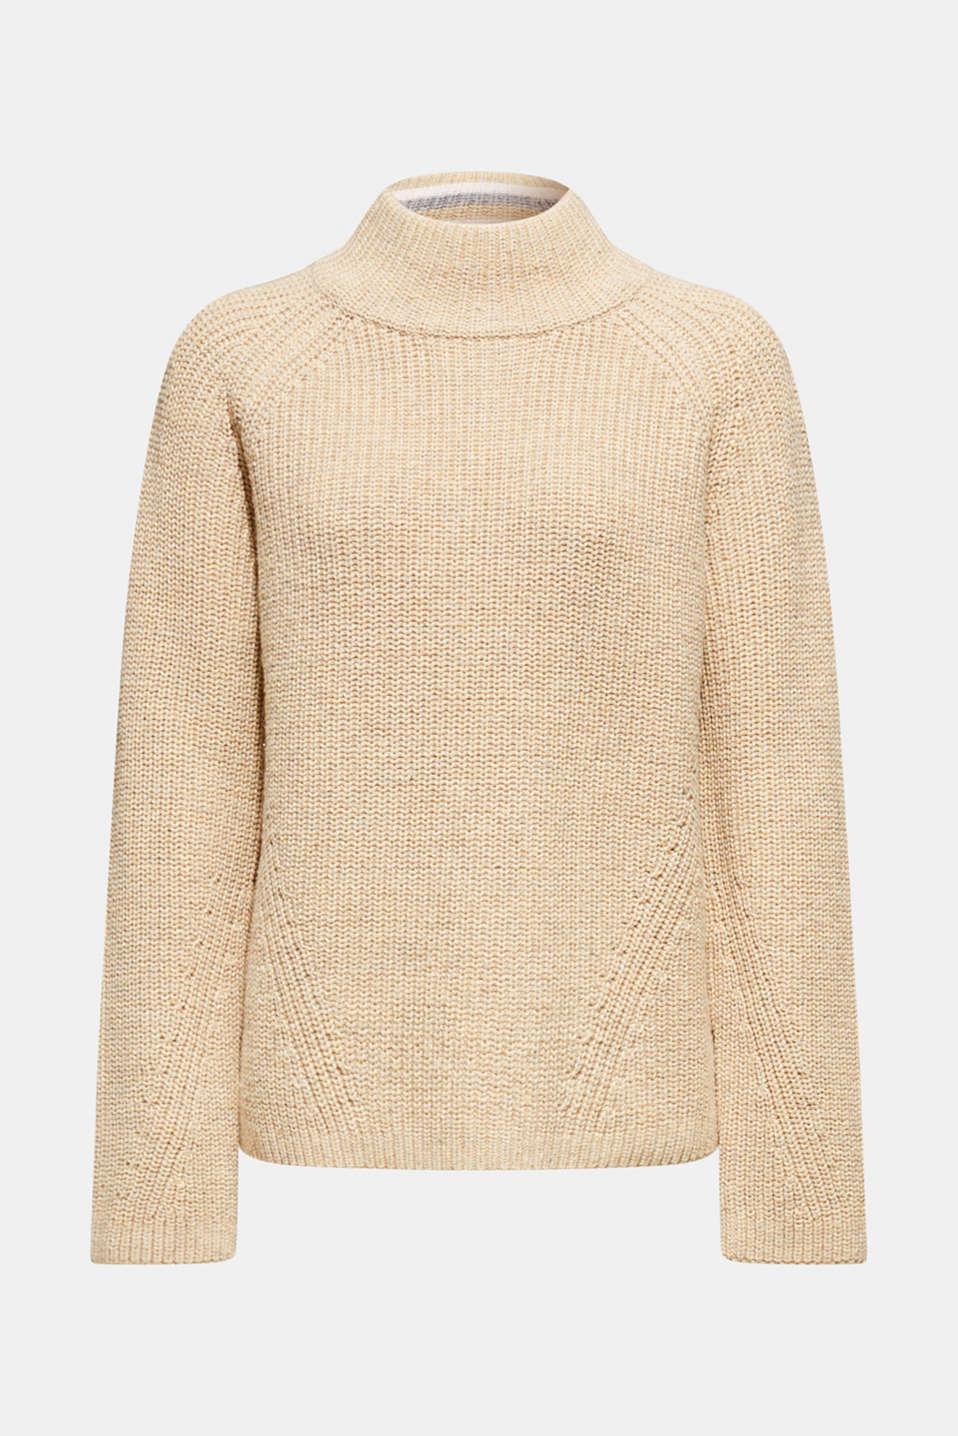 Wool blend: Chunky knit jumper, LIGHT BEIGE, detail image number 5